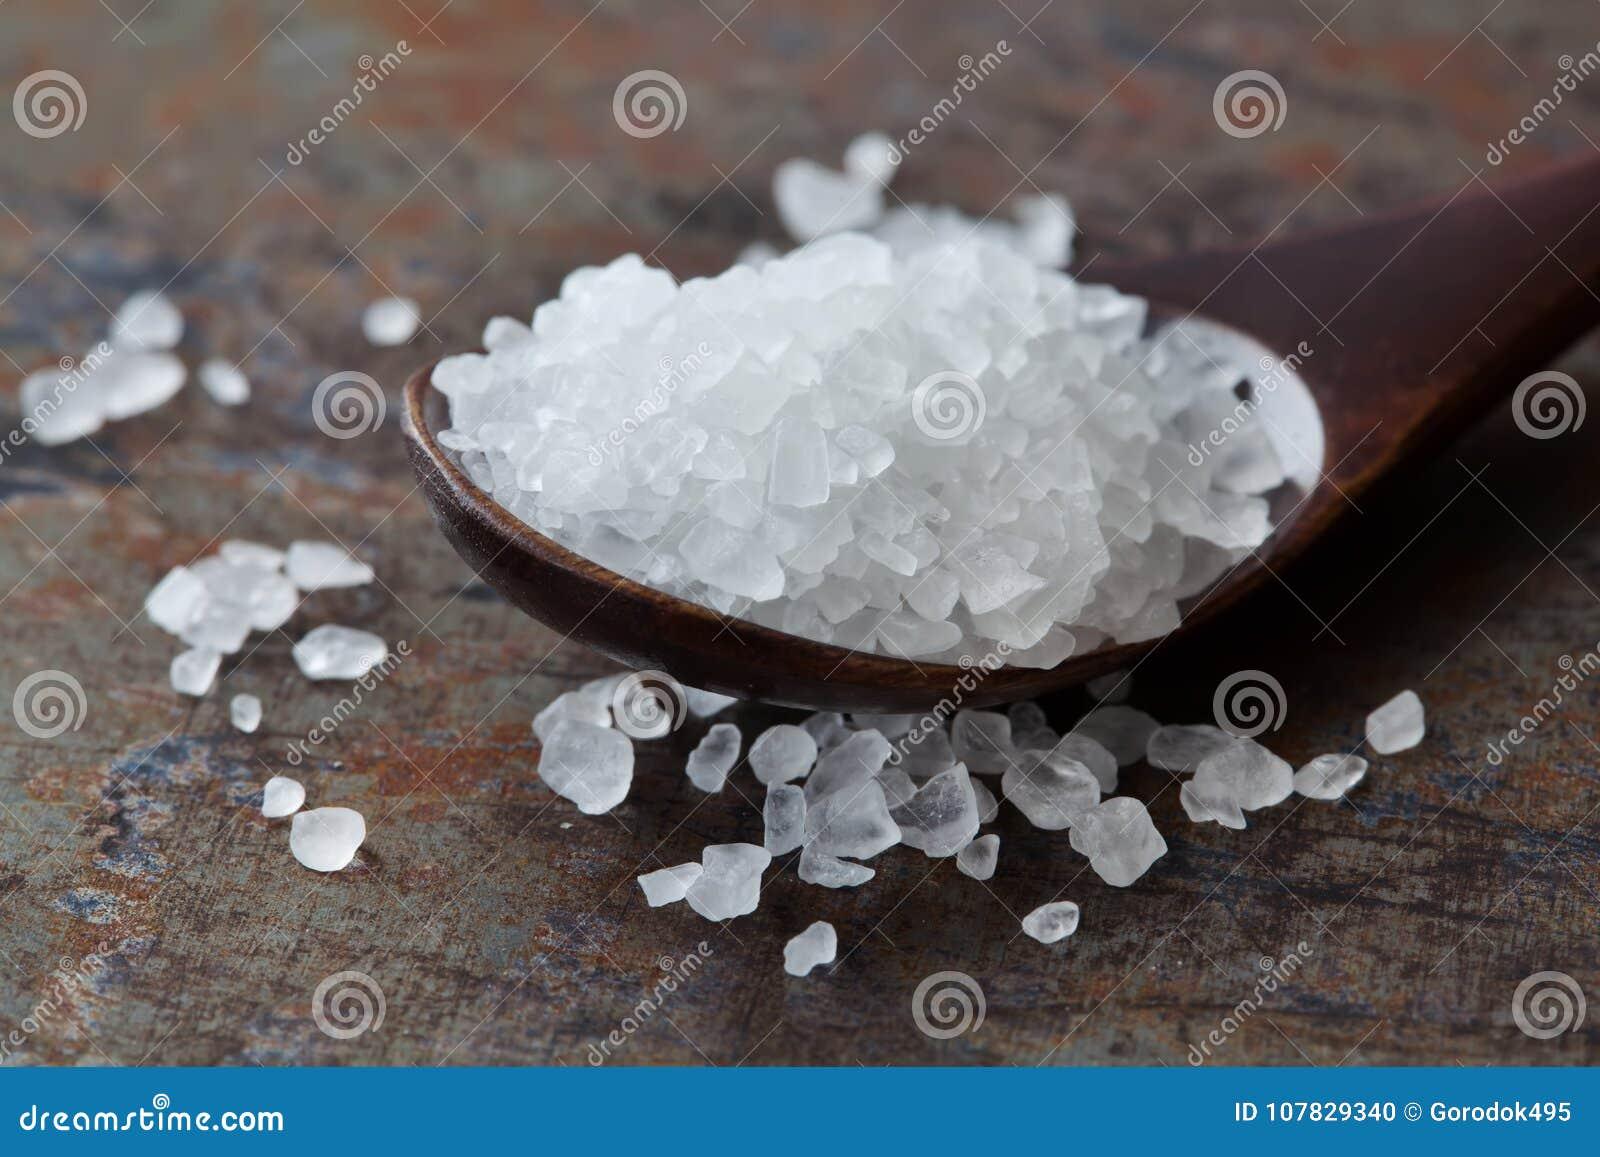 Взгляд макроса condiment соли моря Естественный минеральный предохранитель еды flavoring, соляной кристалл хлорида натрия белый в